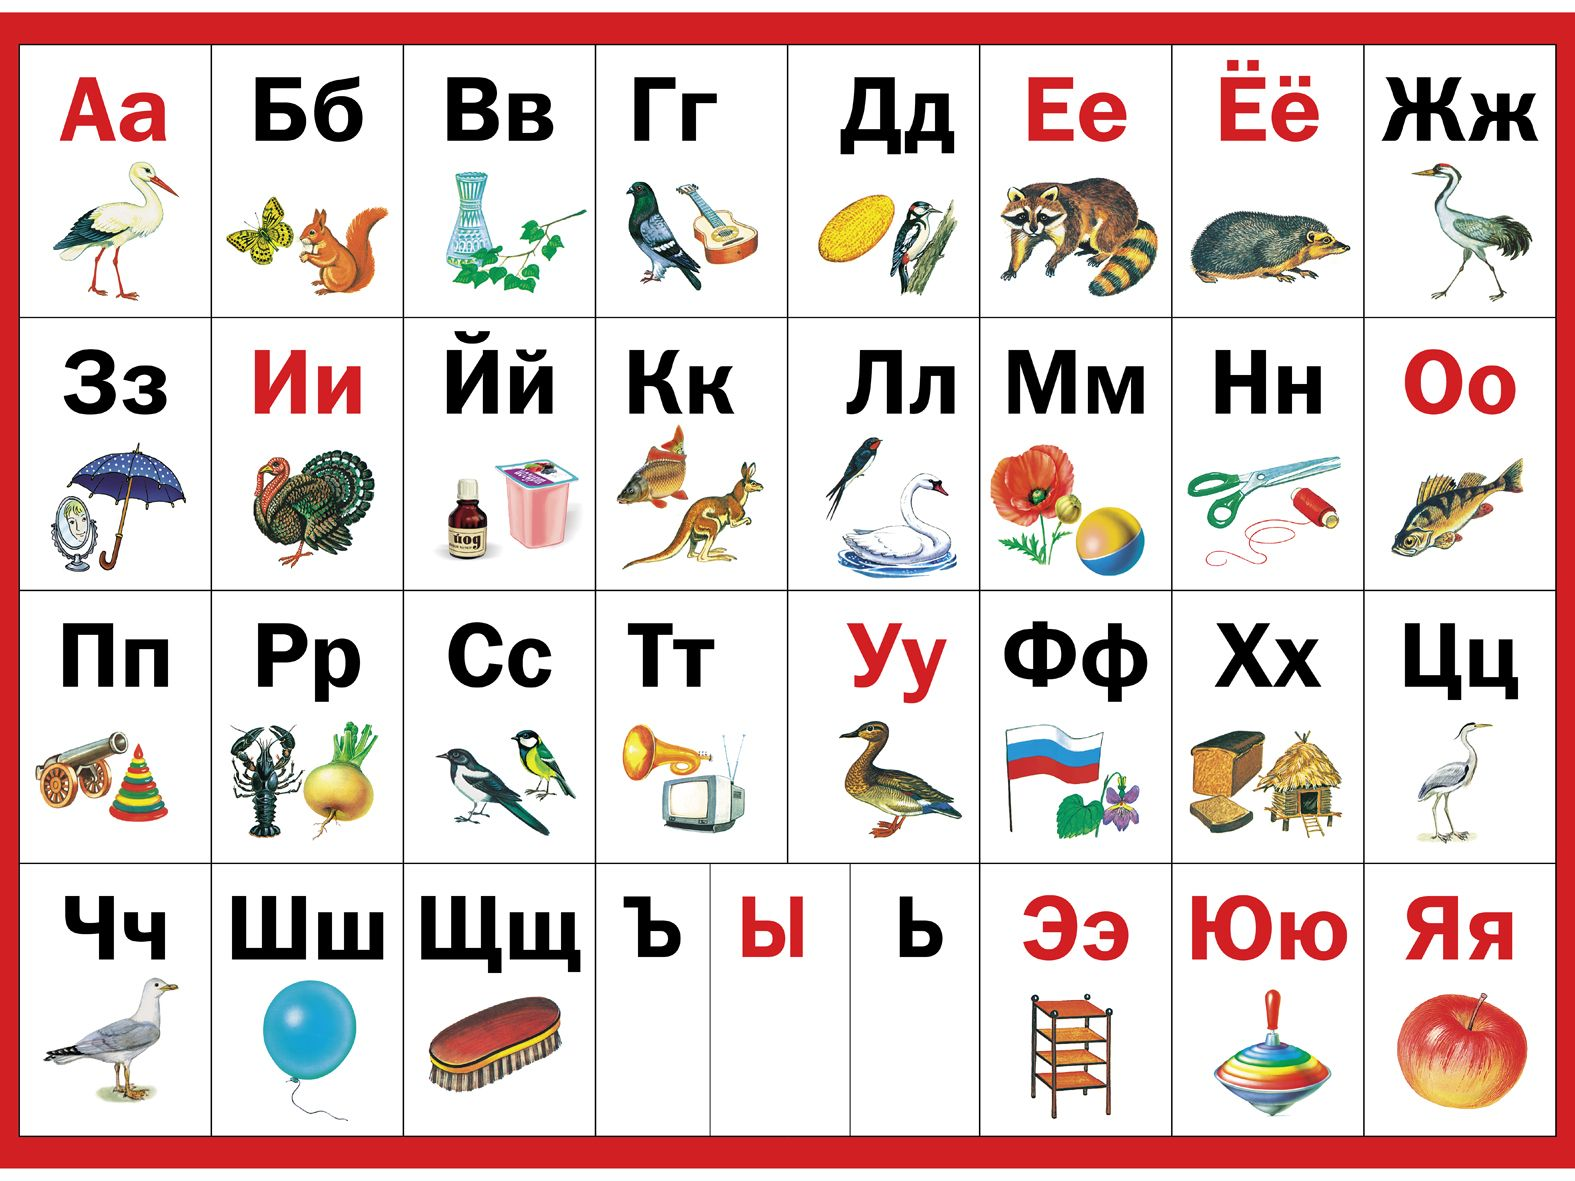 узкий русский алфавит для распечатки с картинками киеве